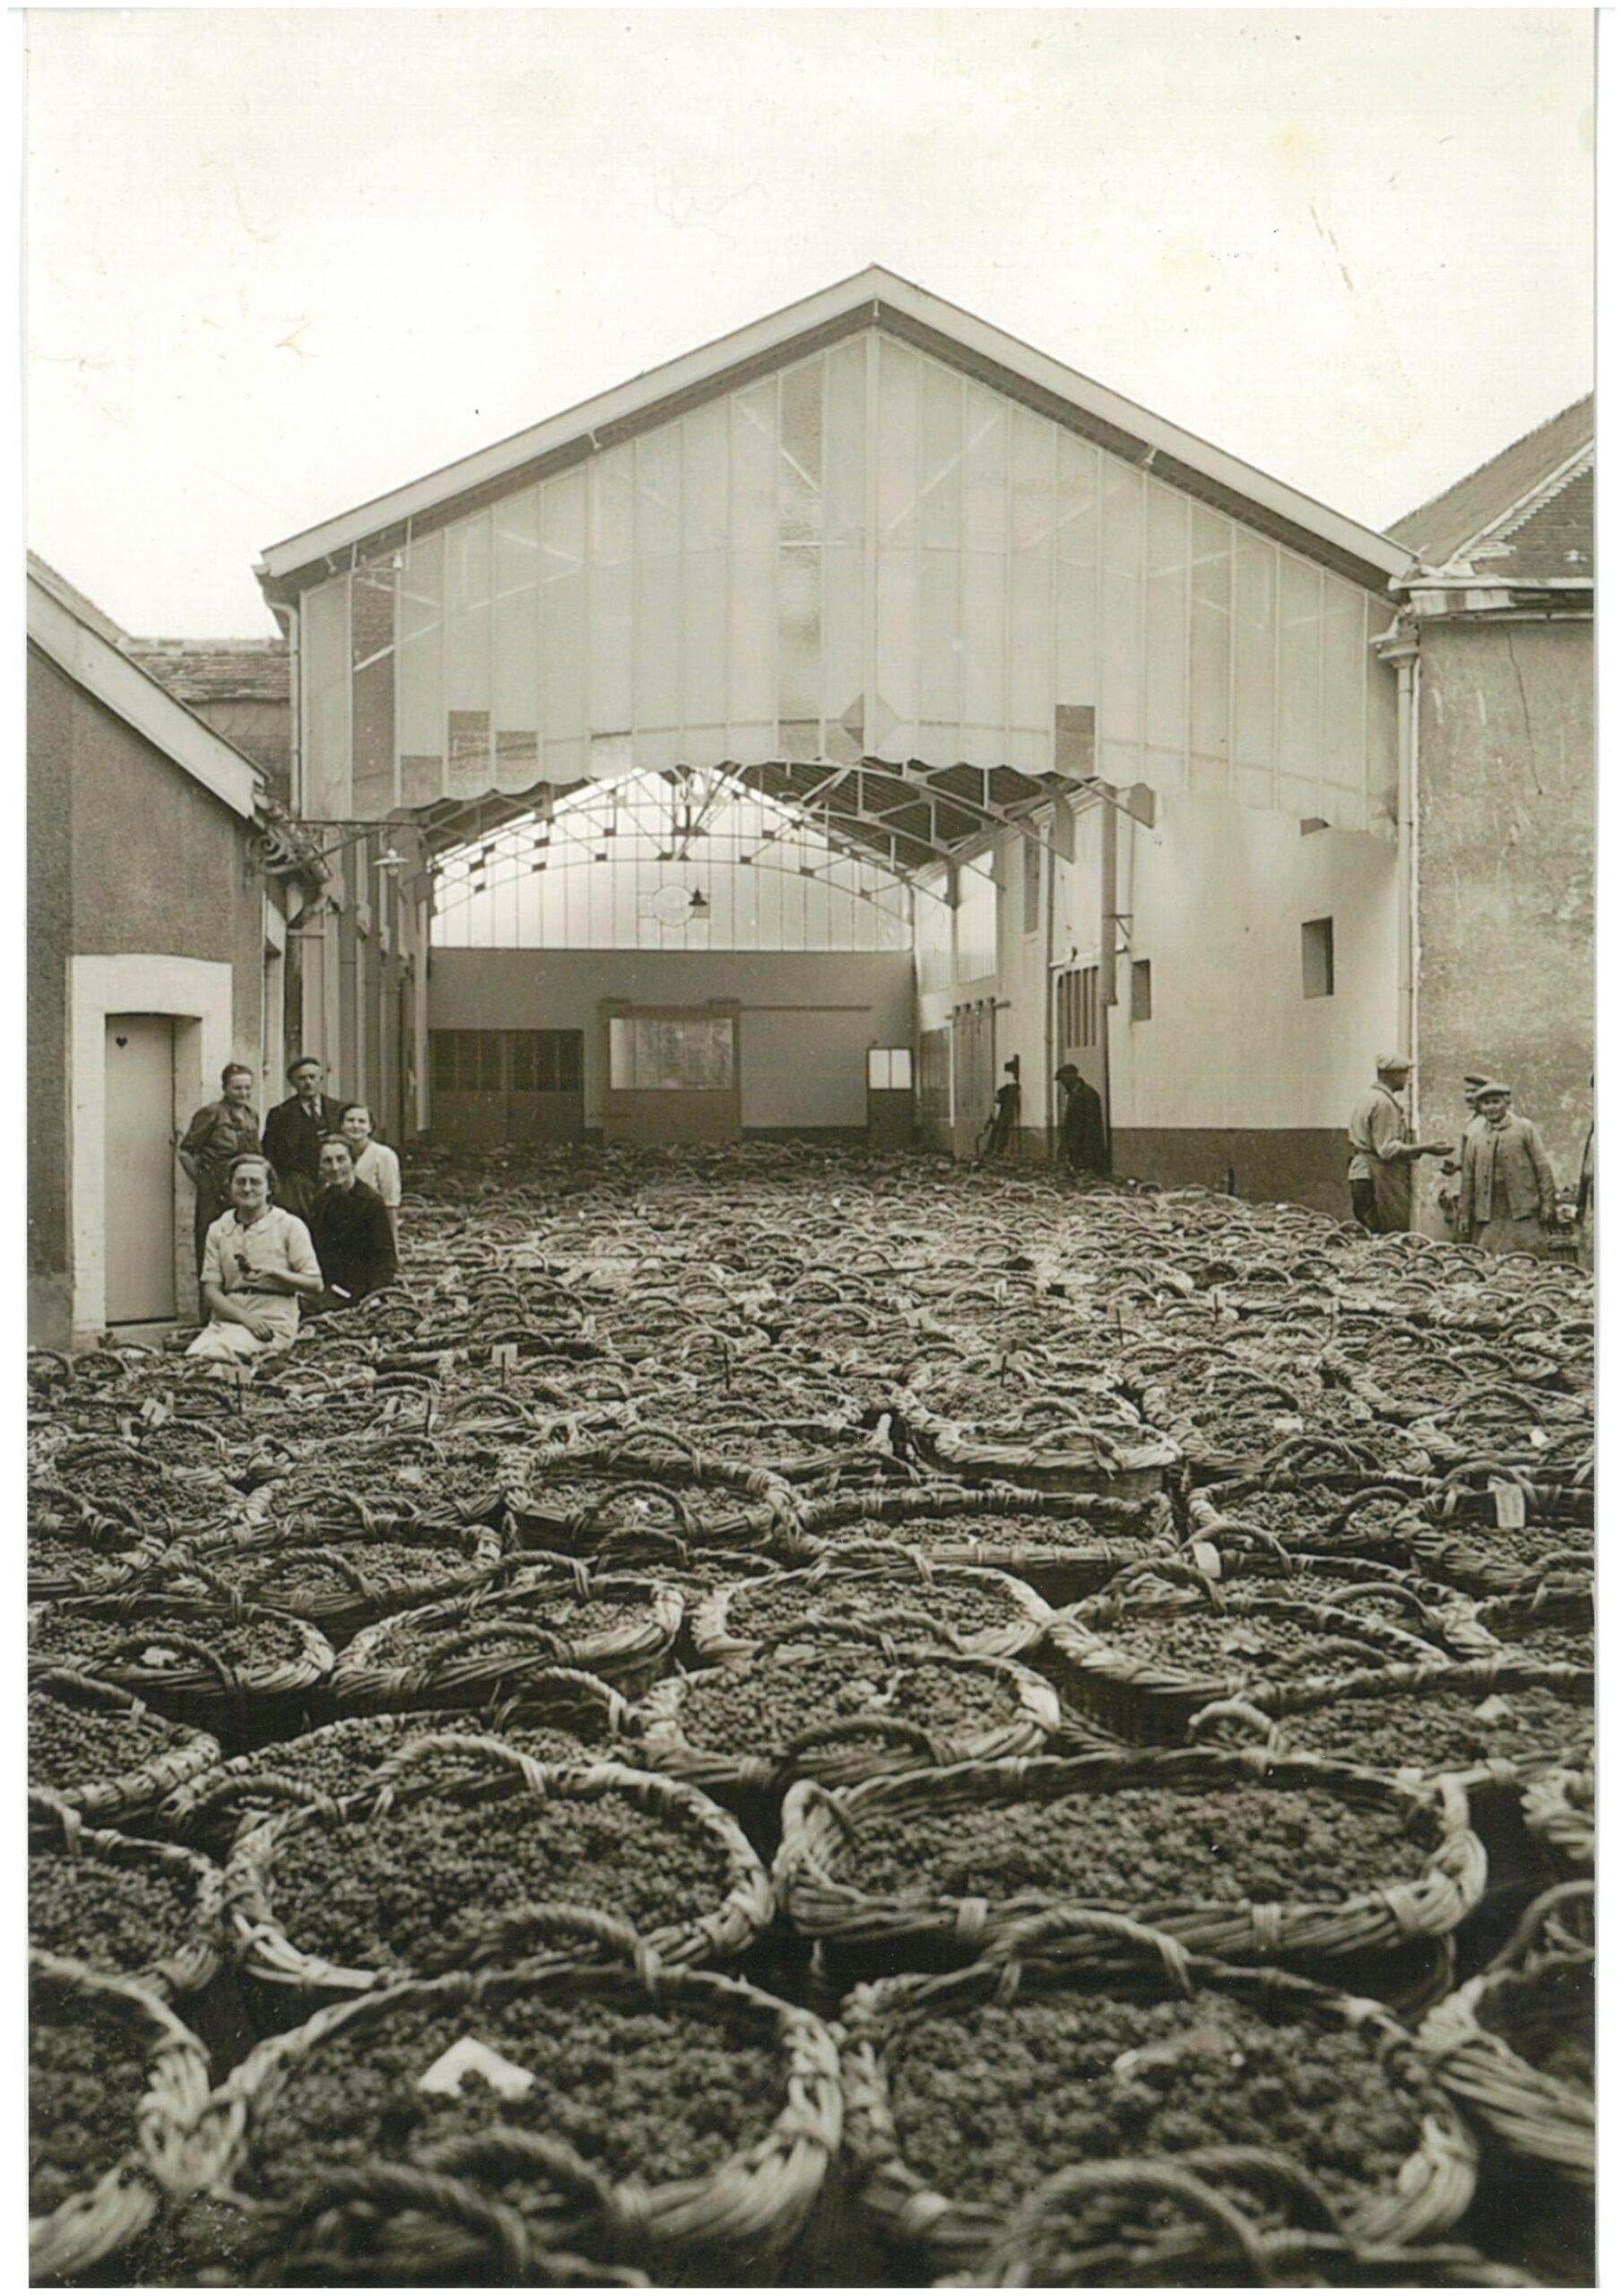 At the start of the 20th century, life in the vineyards was extremely hard… Au début du XXème siècle, la vie dans le vignoble était dure…